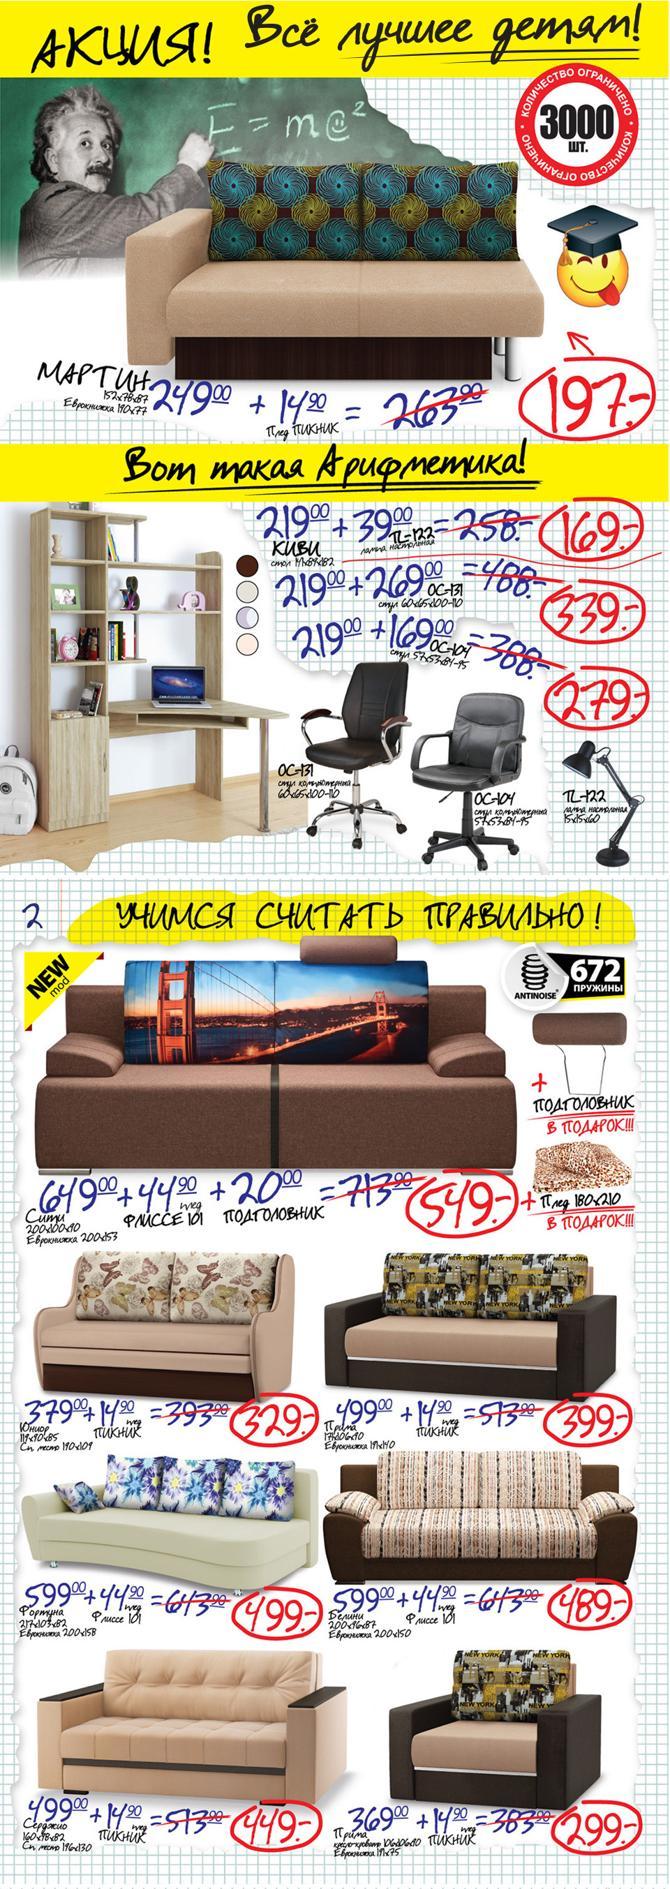 AMI мебель - акция «Всё лучшее детям»